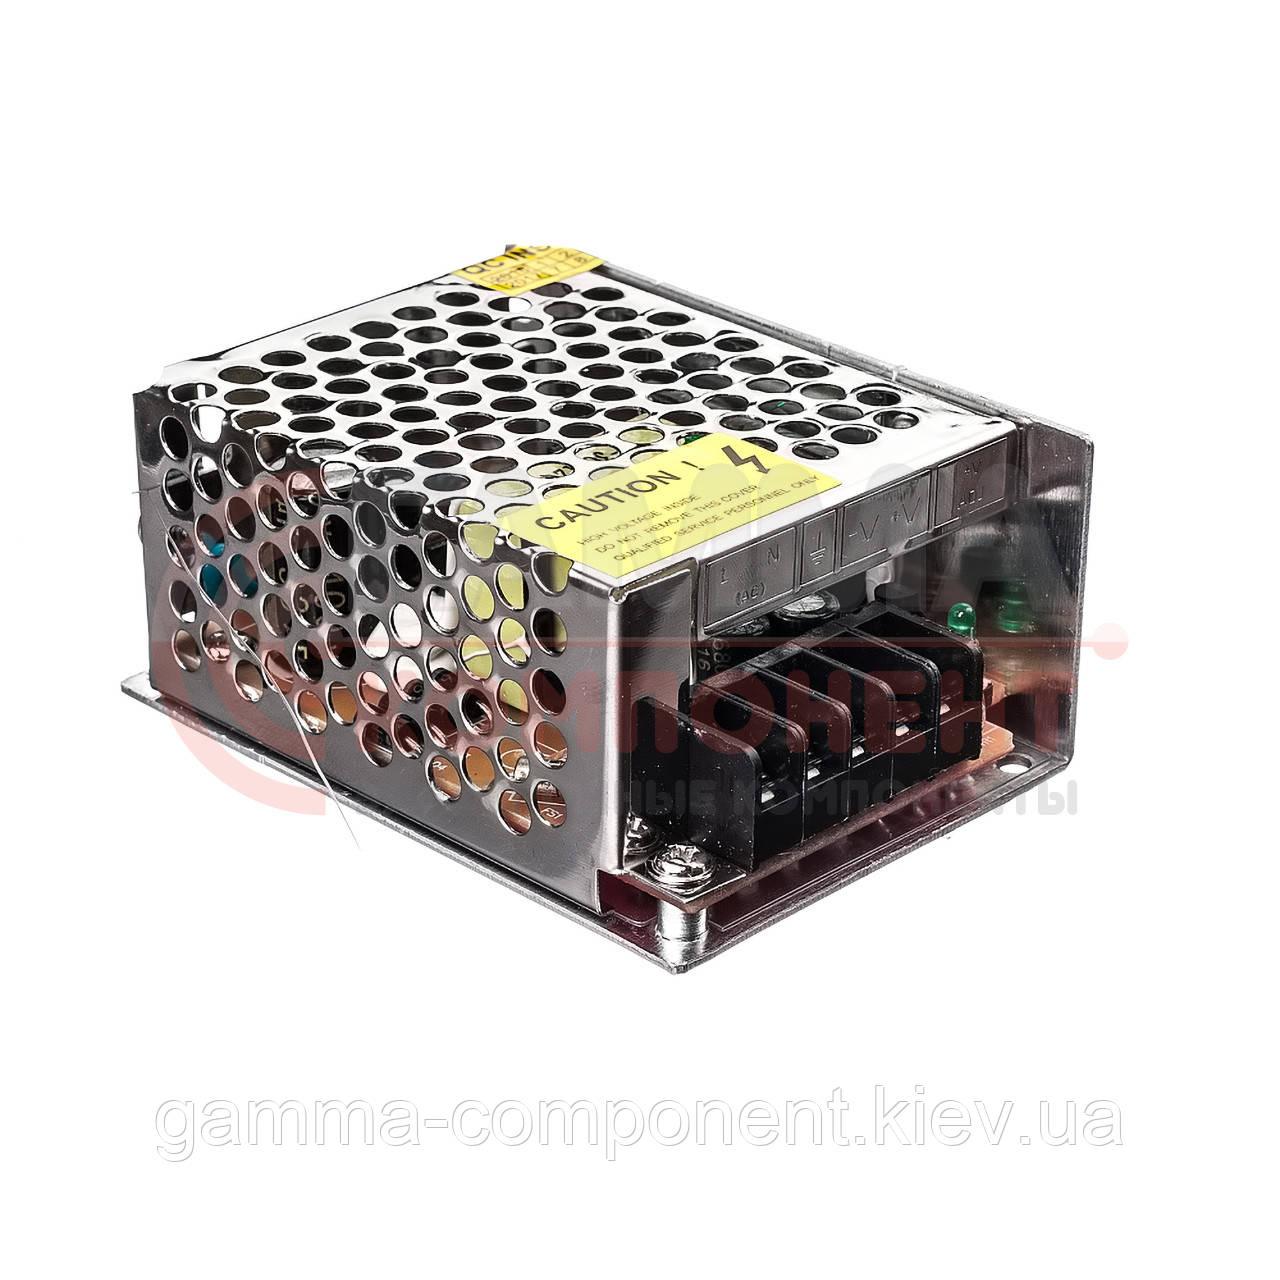 Блок питания 12В перфорированный Compact, 3A 36Вт, IP20